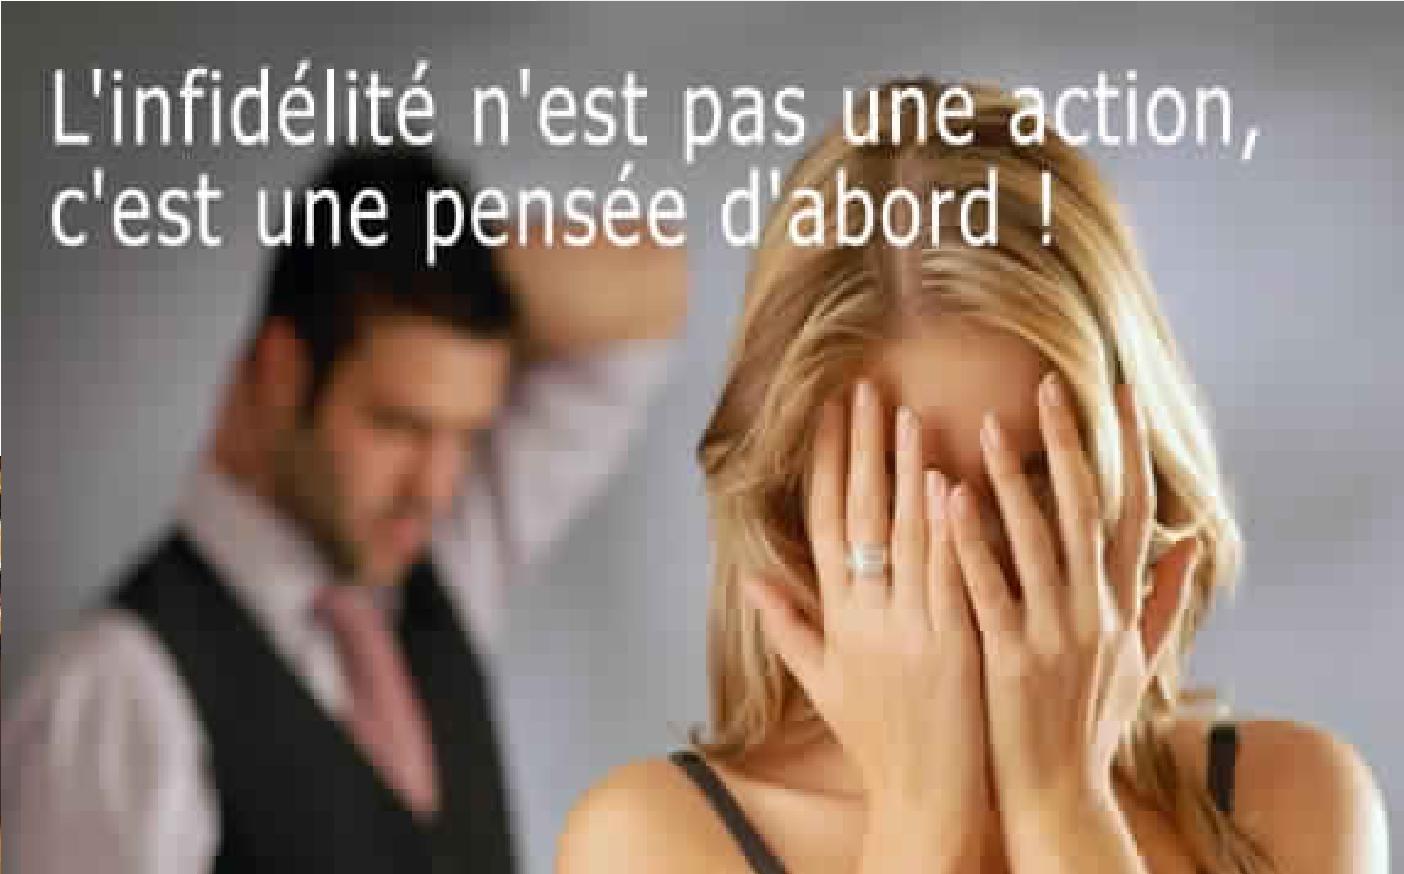 Secret Dévoilé ;Voici Les Raisons Pour Lesquelles Un Homme Trompe Sa Femme !!!